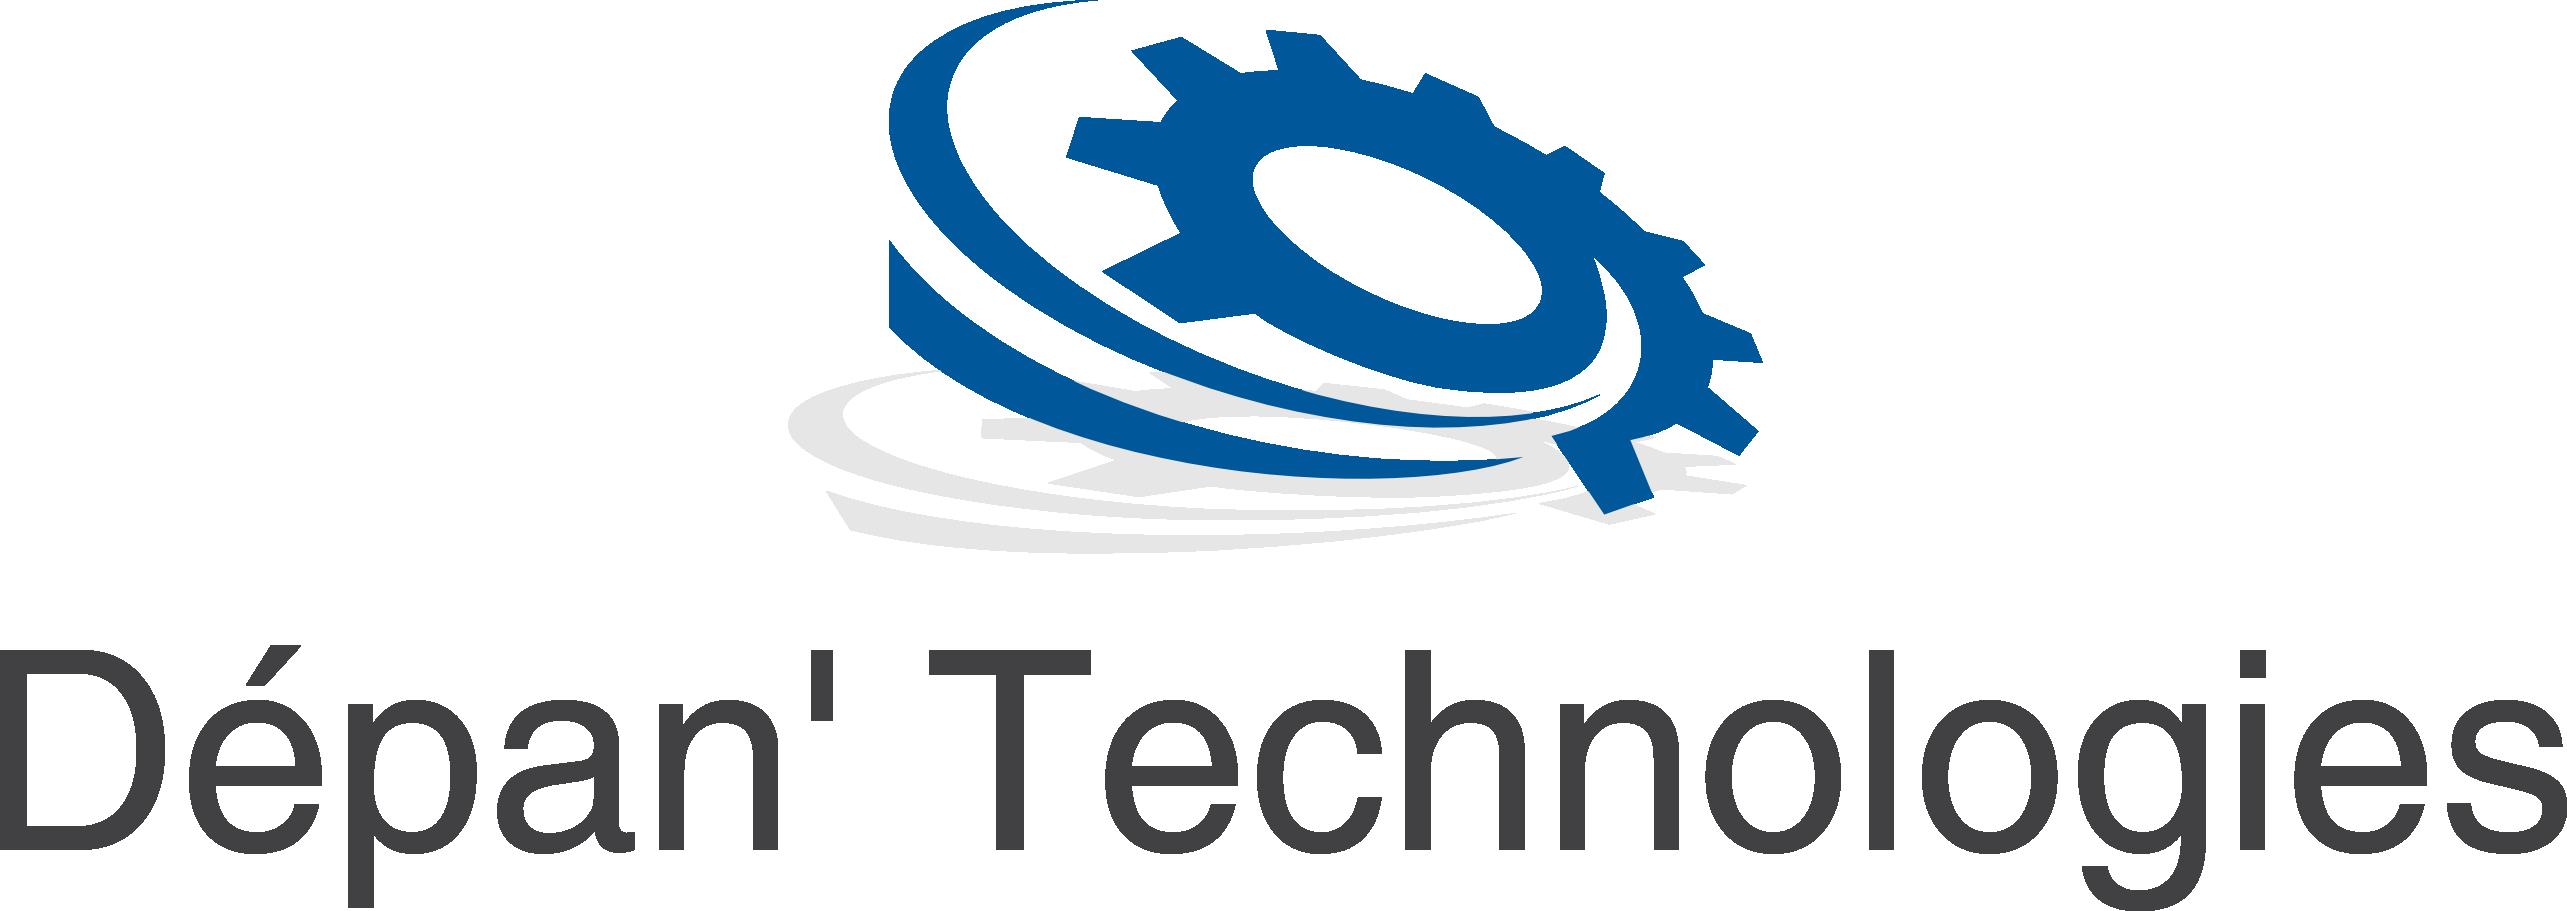 Dépannage et maintenance informatique, smartphone à Moëlan sur Mer